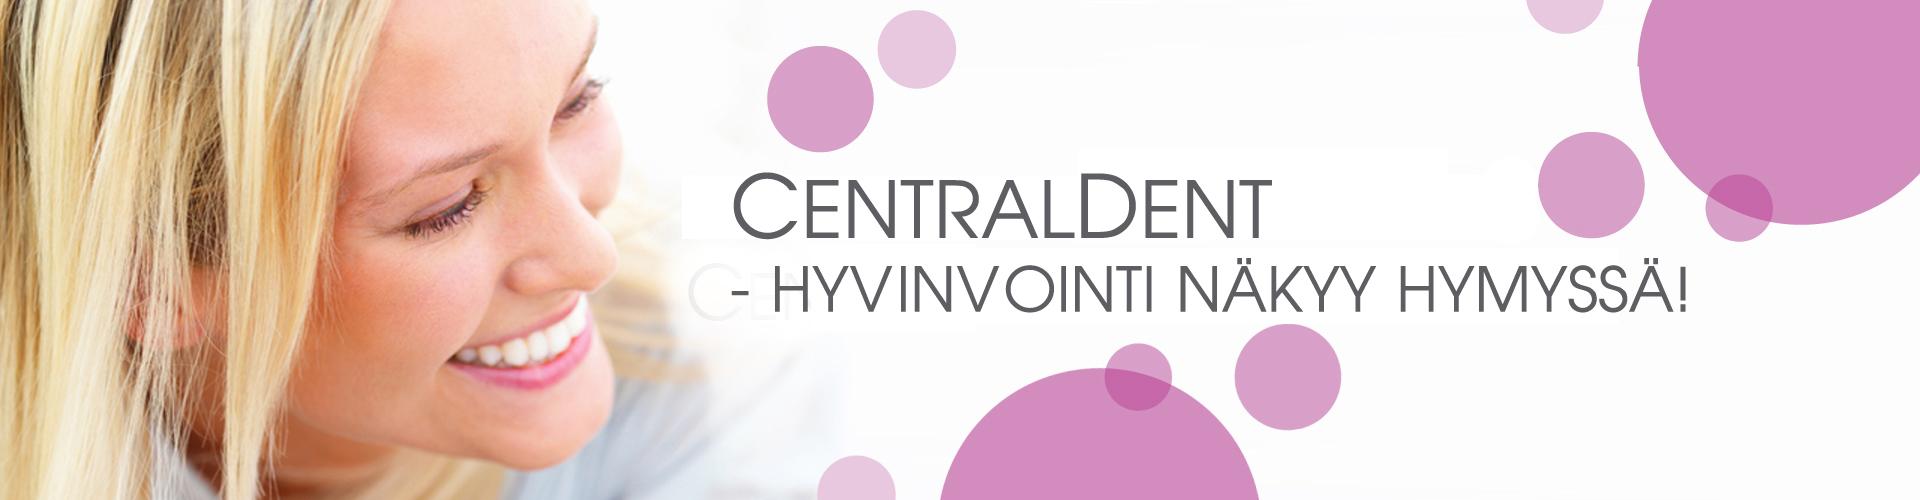 banneri_centraldent_uusi